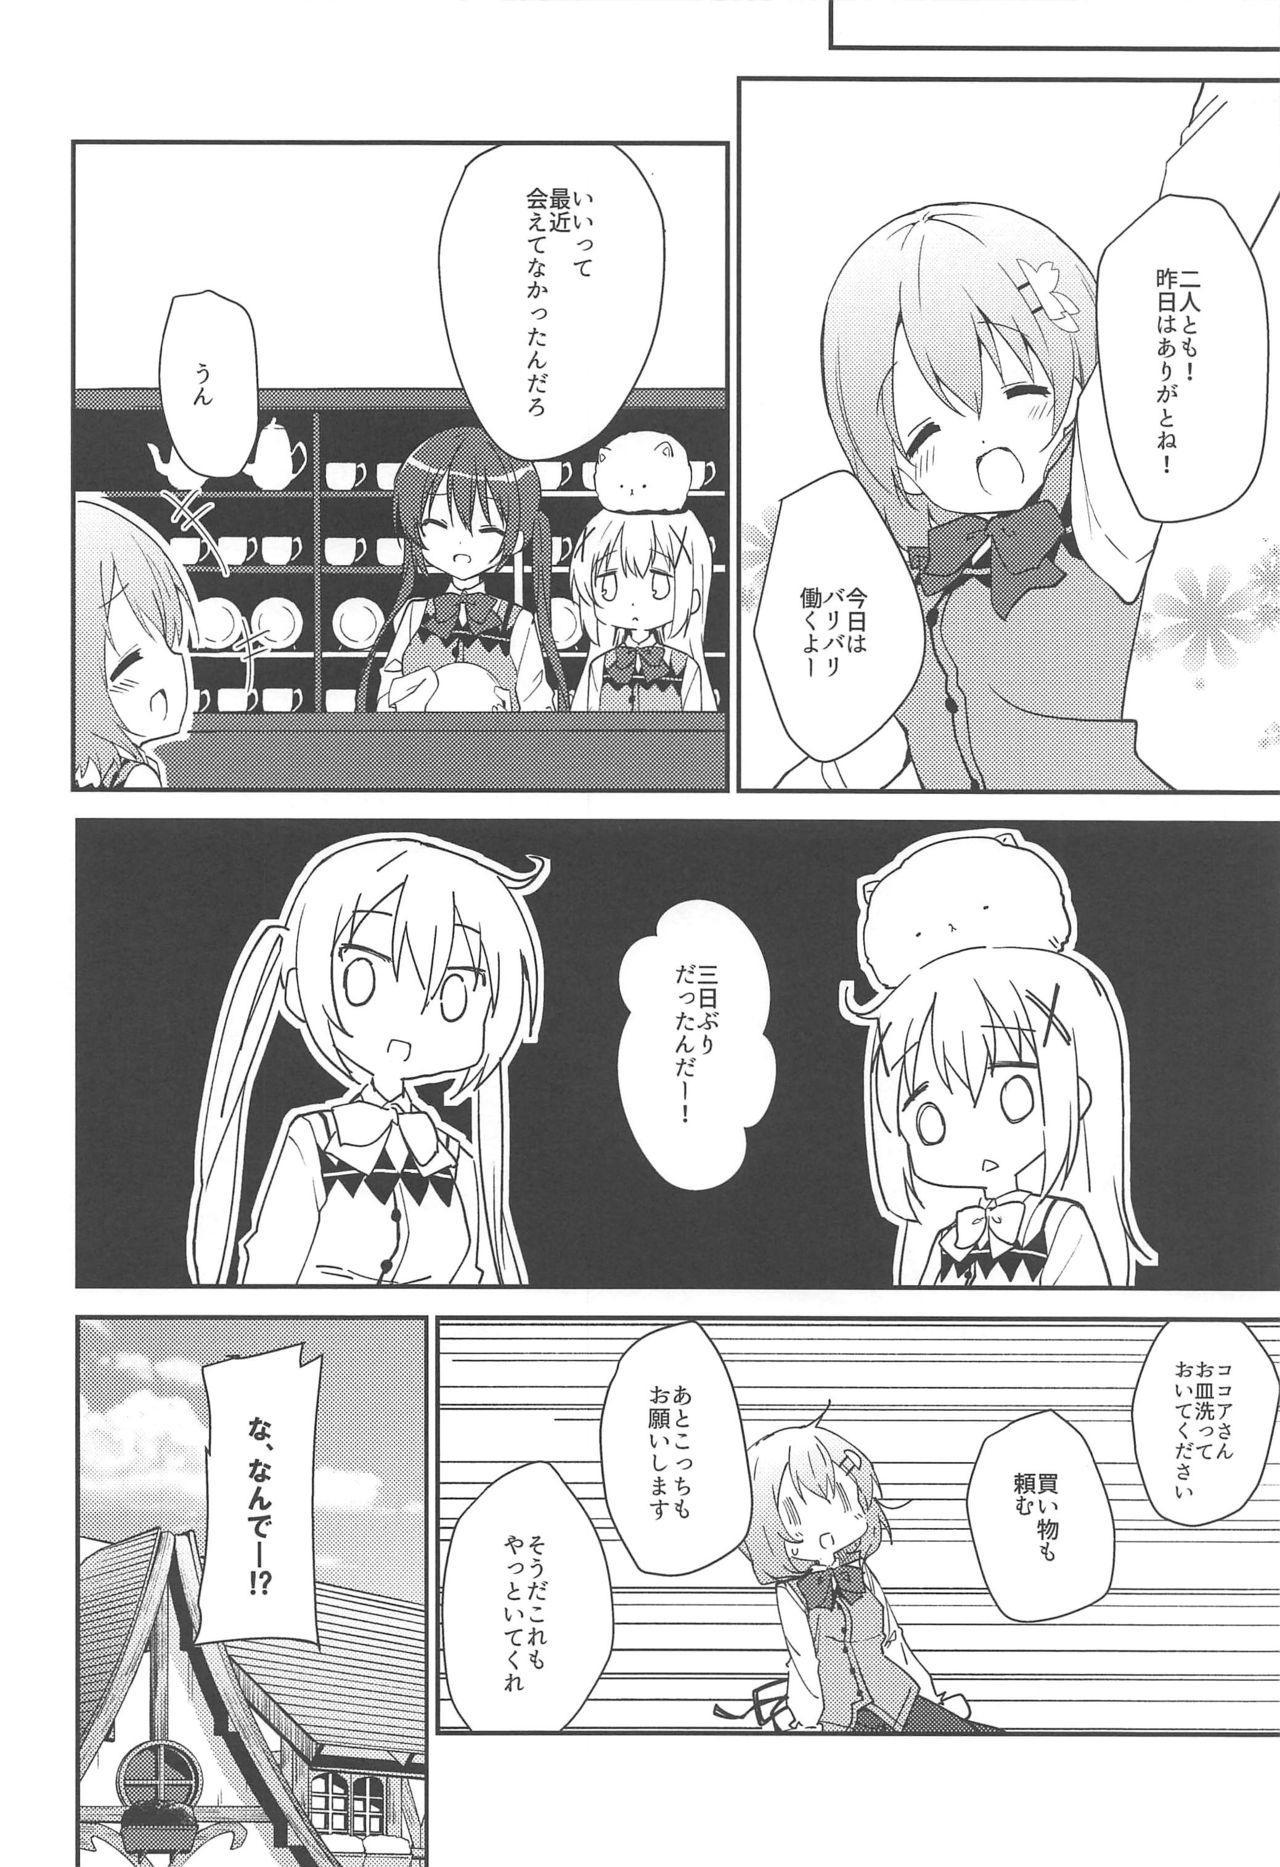 Attakai Kokoa wa Ikaga desu ka? - How about warm cocoa? 22